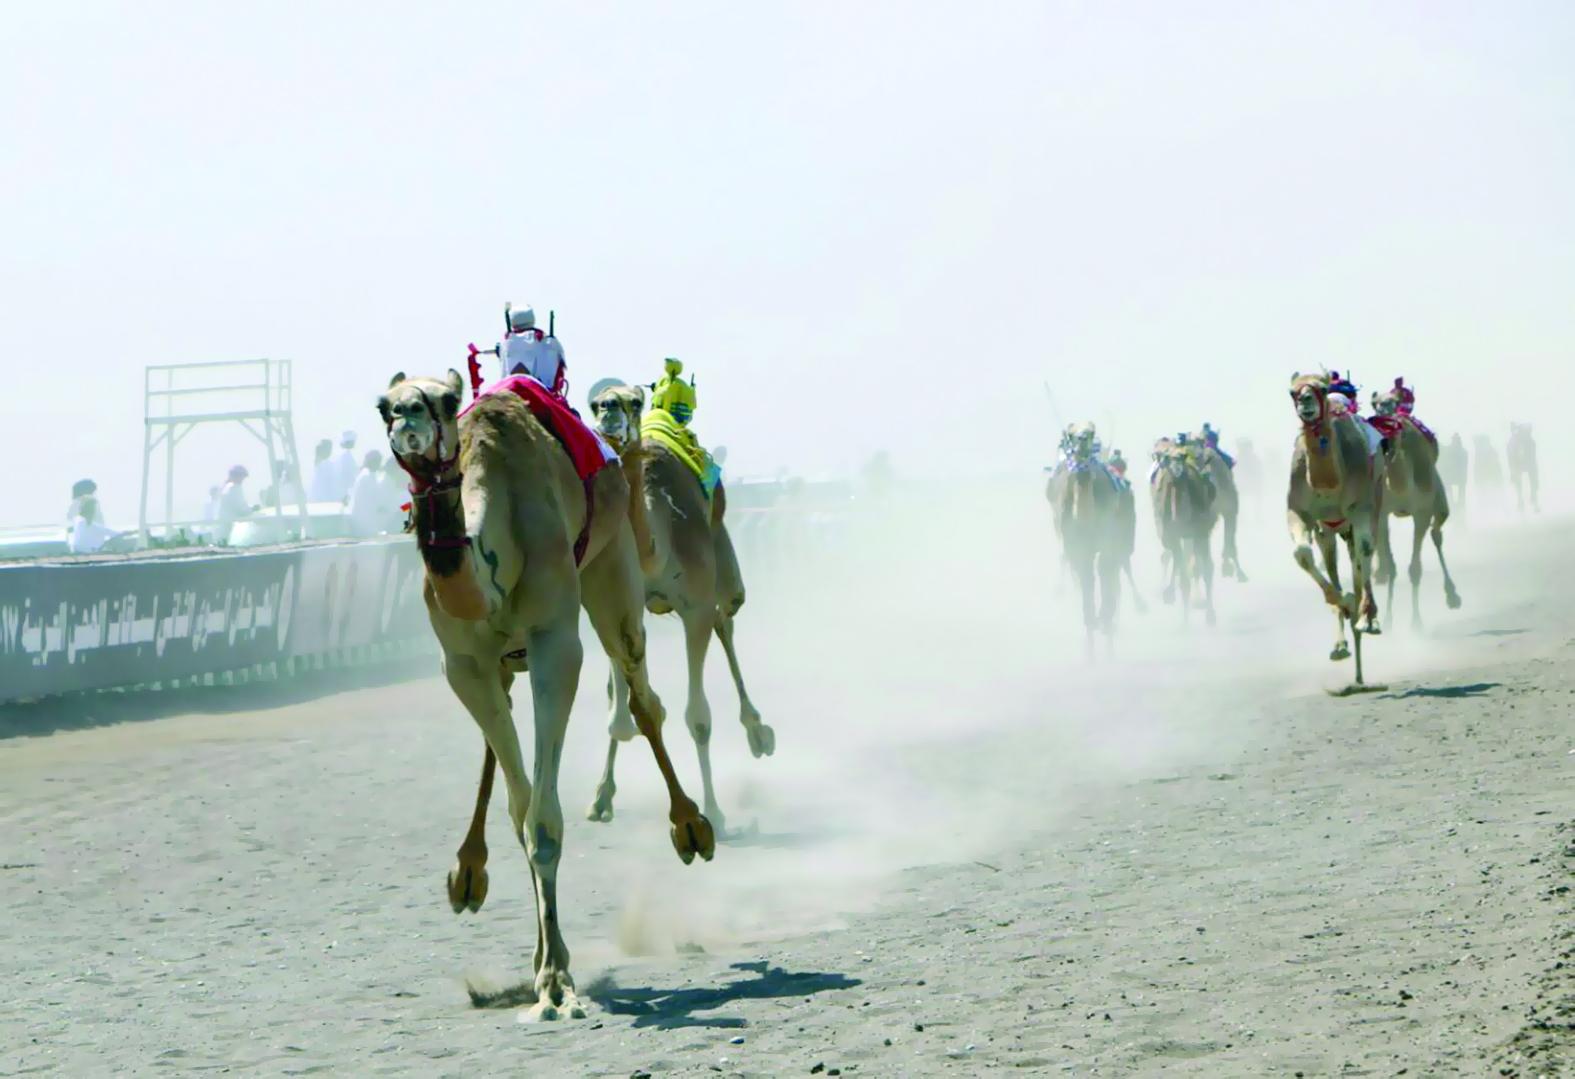 4 أيام حافلة بالإثارة في المهرجان السنوي لسباقات الهجن العربية